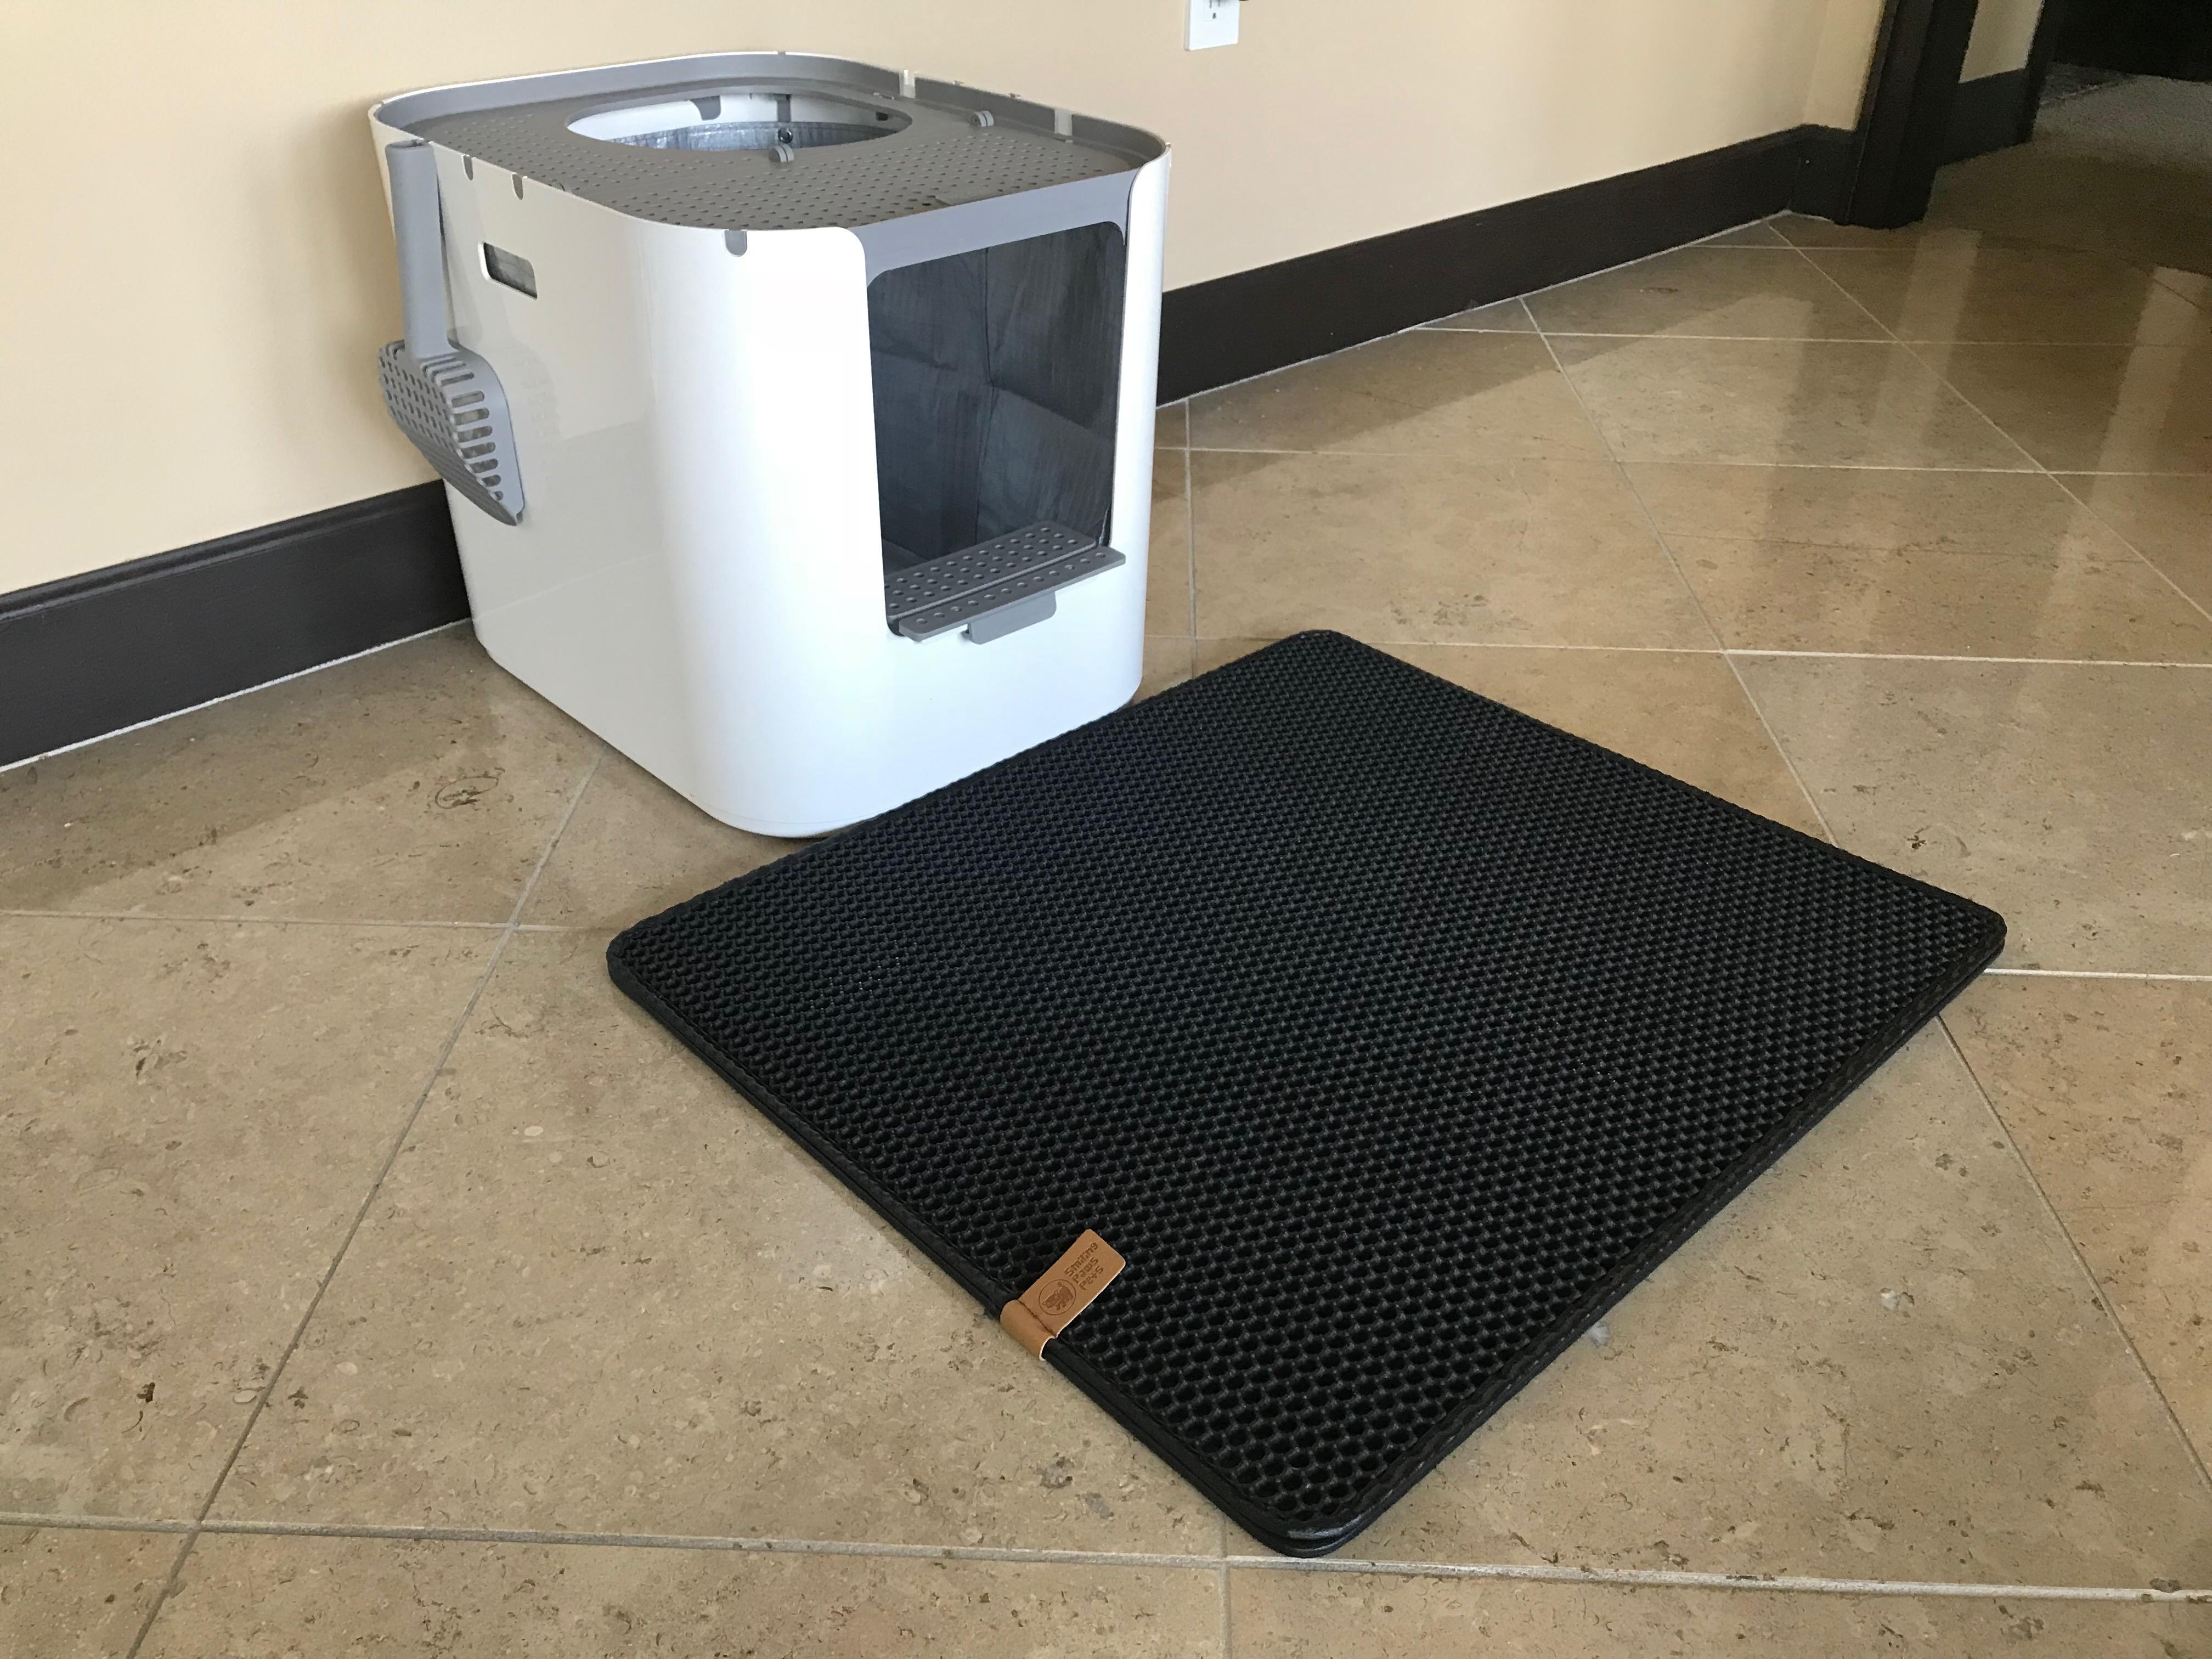 cat mat boot flexible duty tray rubber mats products heavy litter